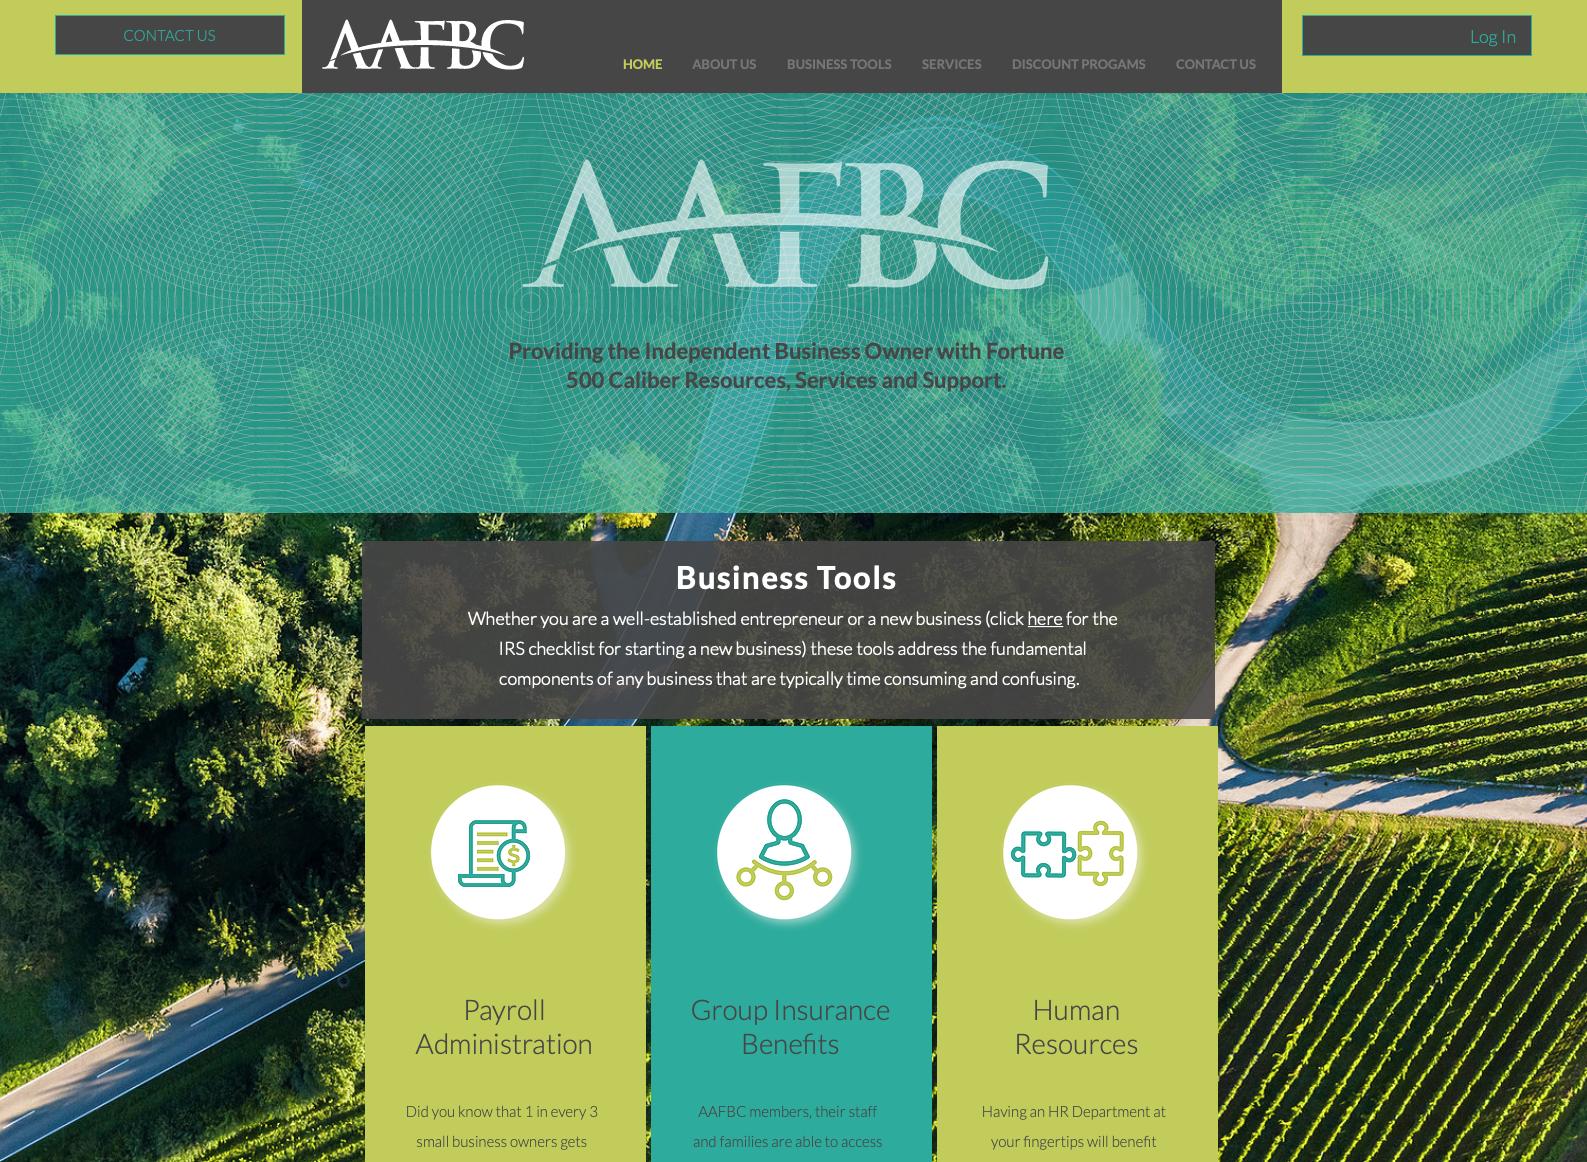 AAFBC